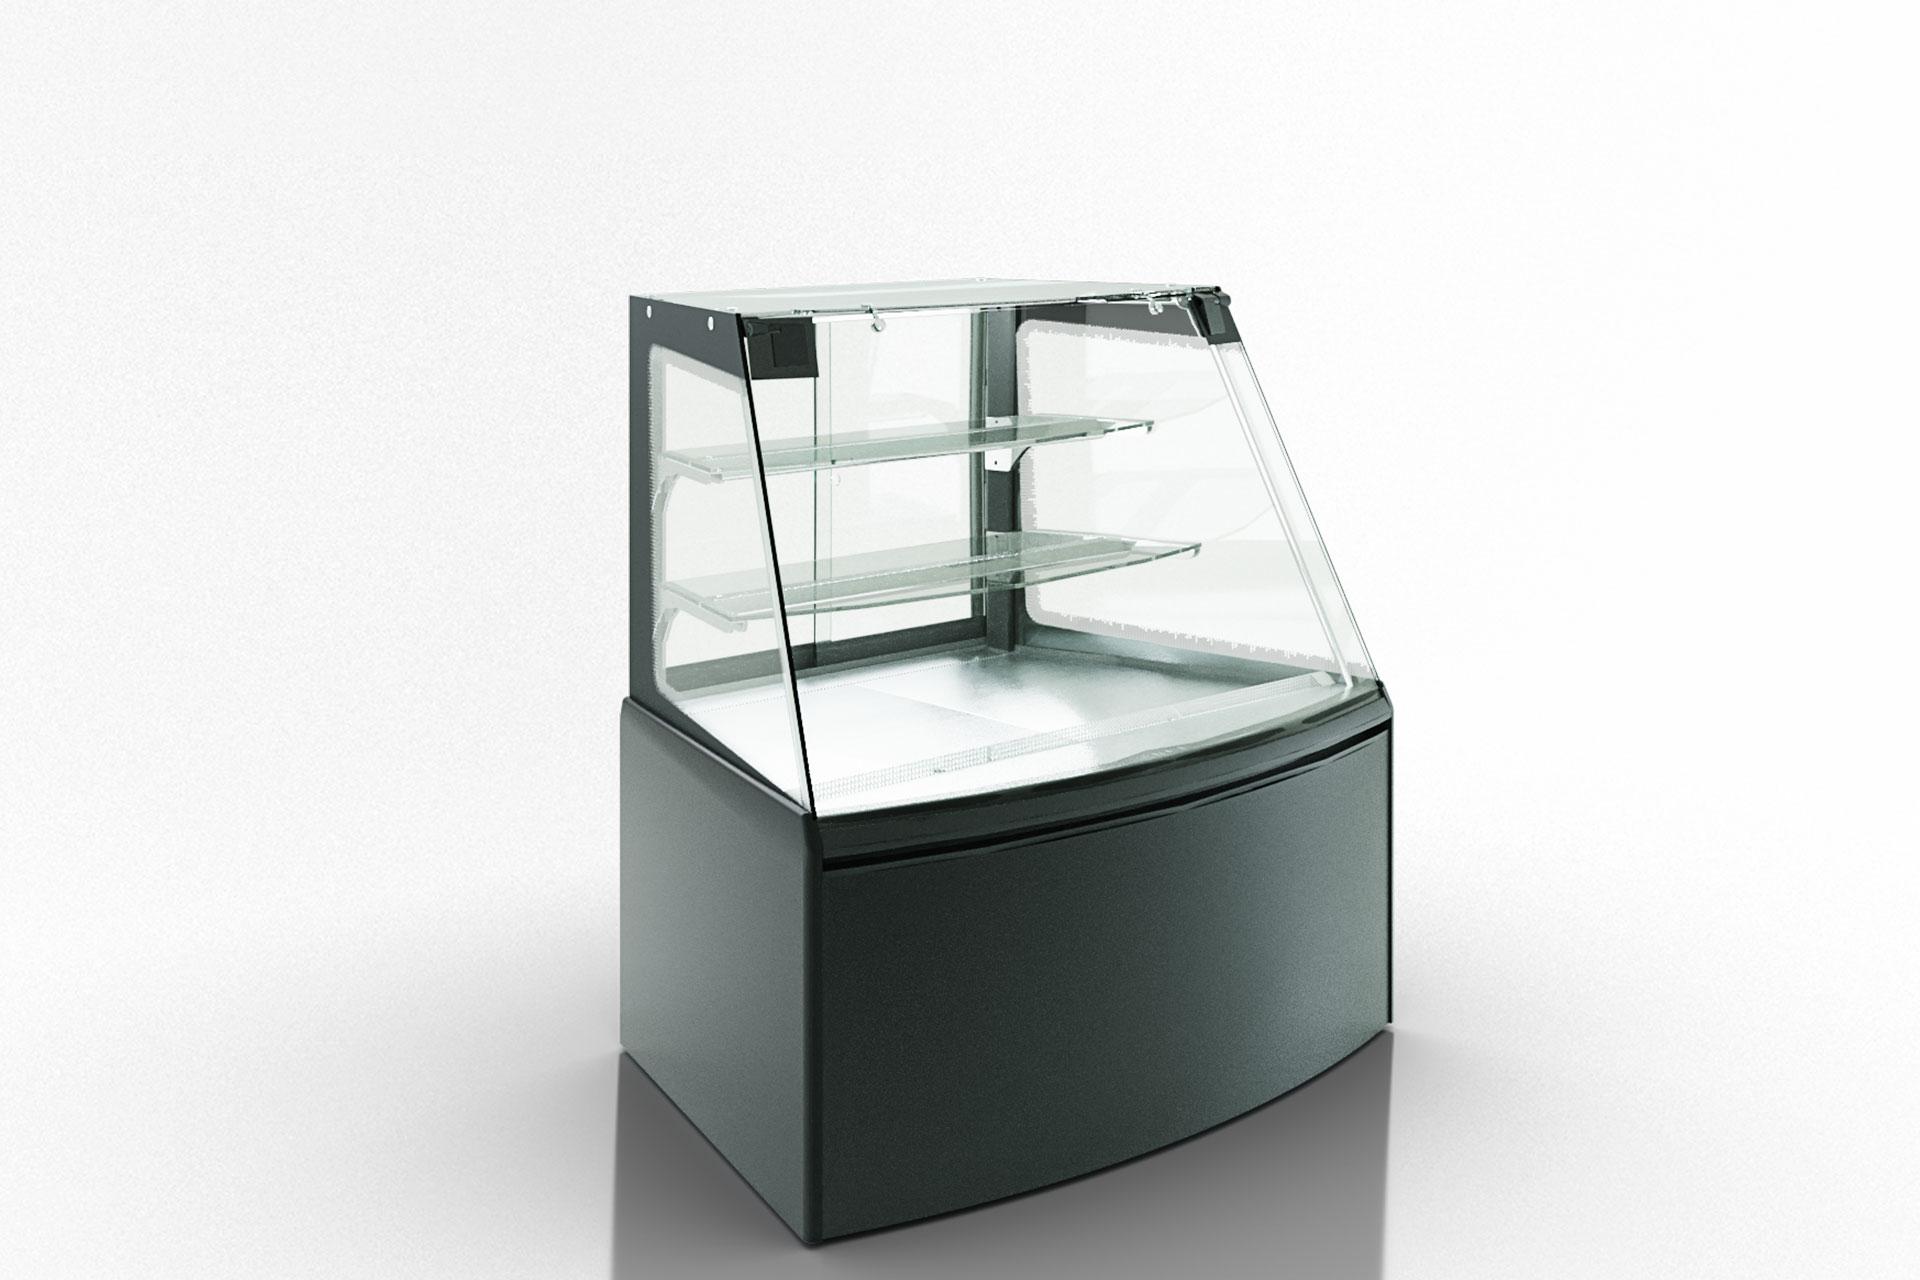 Konditorei-Vitrinen Dakota sapphire KA 090 patisserie PS 140-DLA-ER35 - Winkelelement